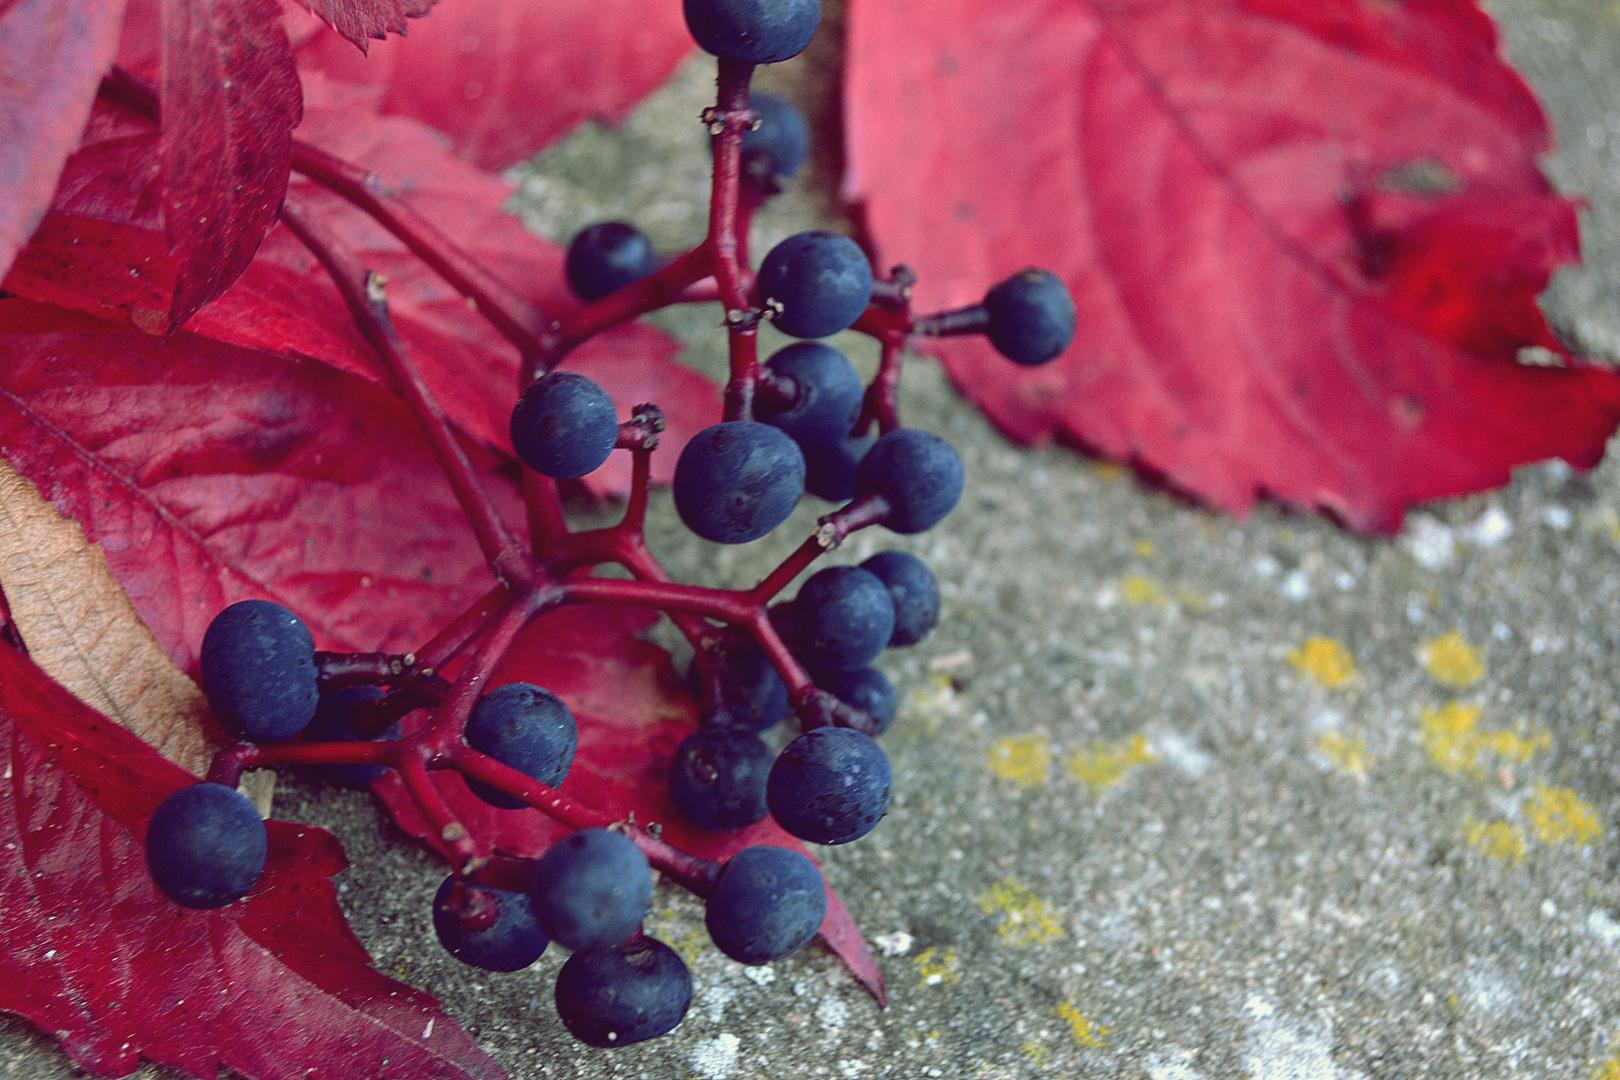 Blaue Beeren an rotem Herbstlaub